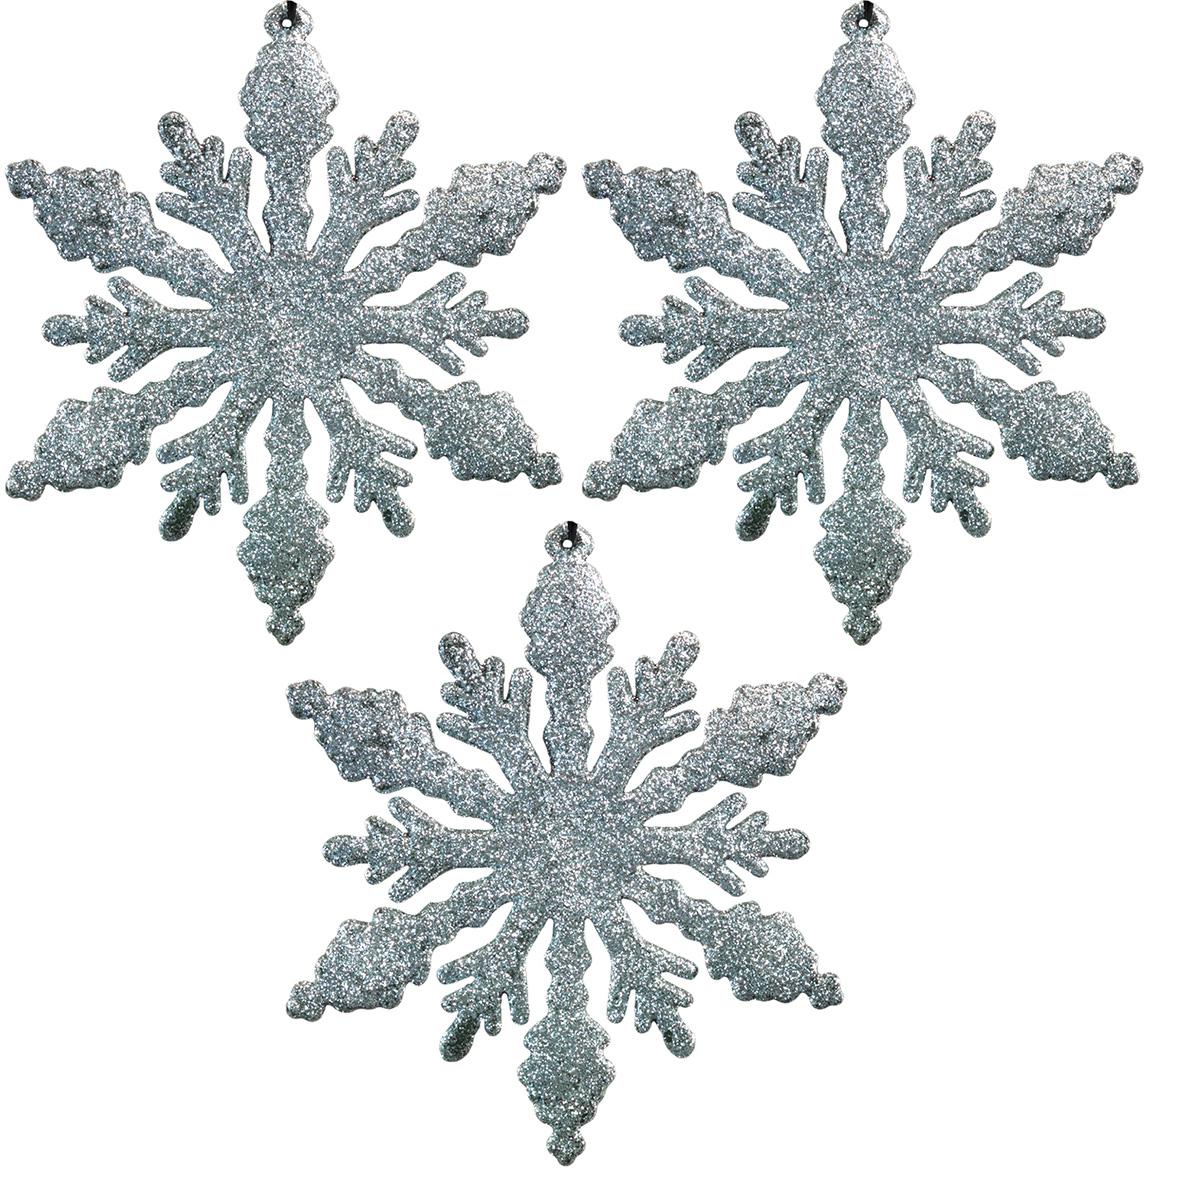 Набор новогодних украшений для интерьера Erich Krause Снежинки серебряные, 13 см, 3 шт44192Набор состоит из трех плоских снежинок, полностью покрытых серебряными блестками. Диаметр каждой снежинки 13 см, поэтому подходят для декорирования больших елок или оформления интерьера. Новогодние украшения всегда несут в себе волшебство и красоту праздника. Создайте в своем доме атмосферу тепла, веселья и радости, украшая его всей семьей.